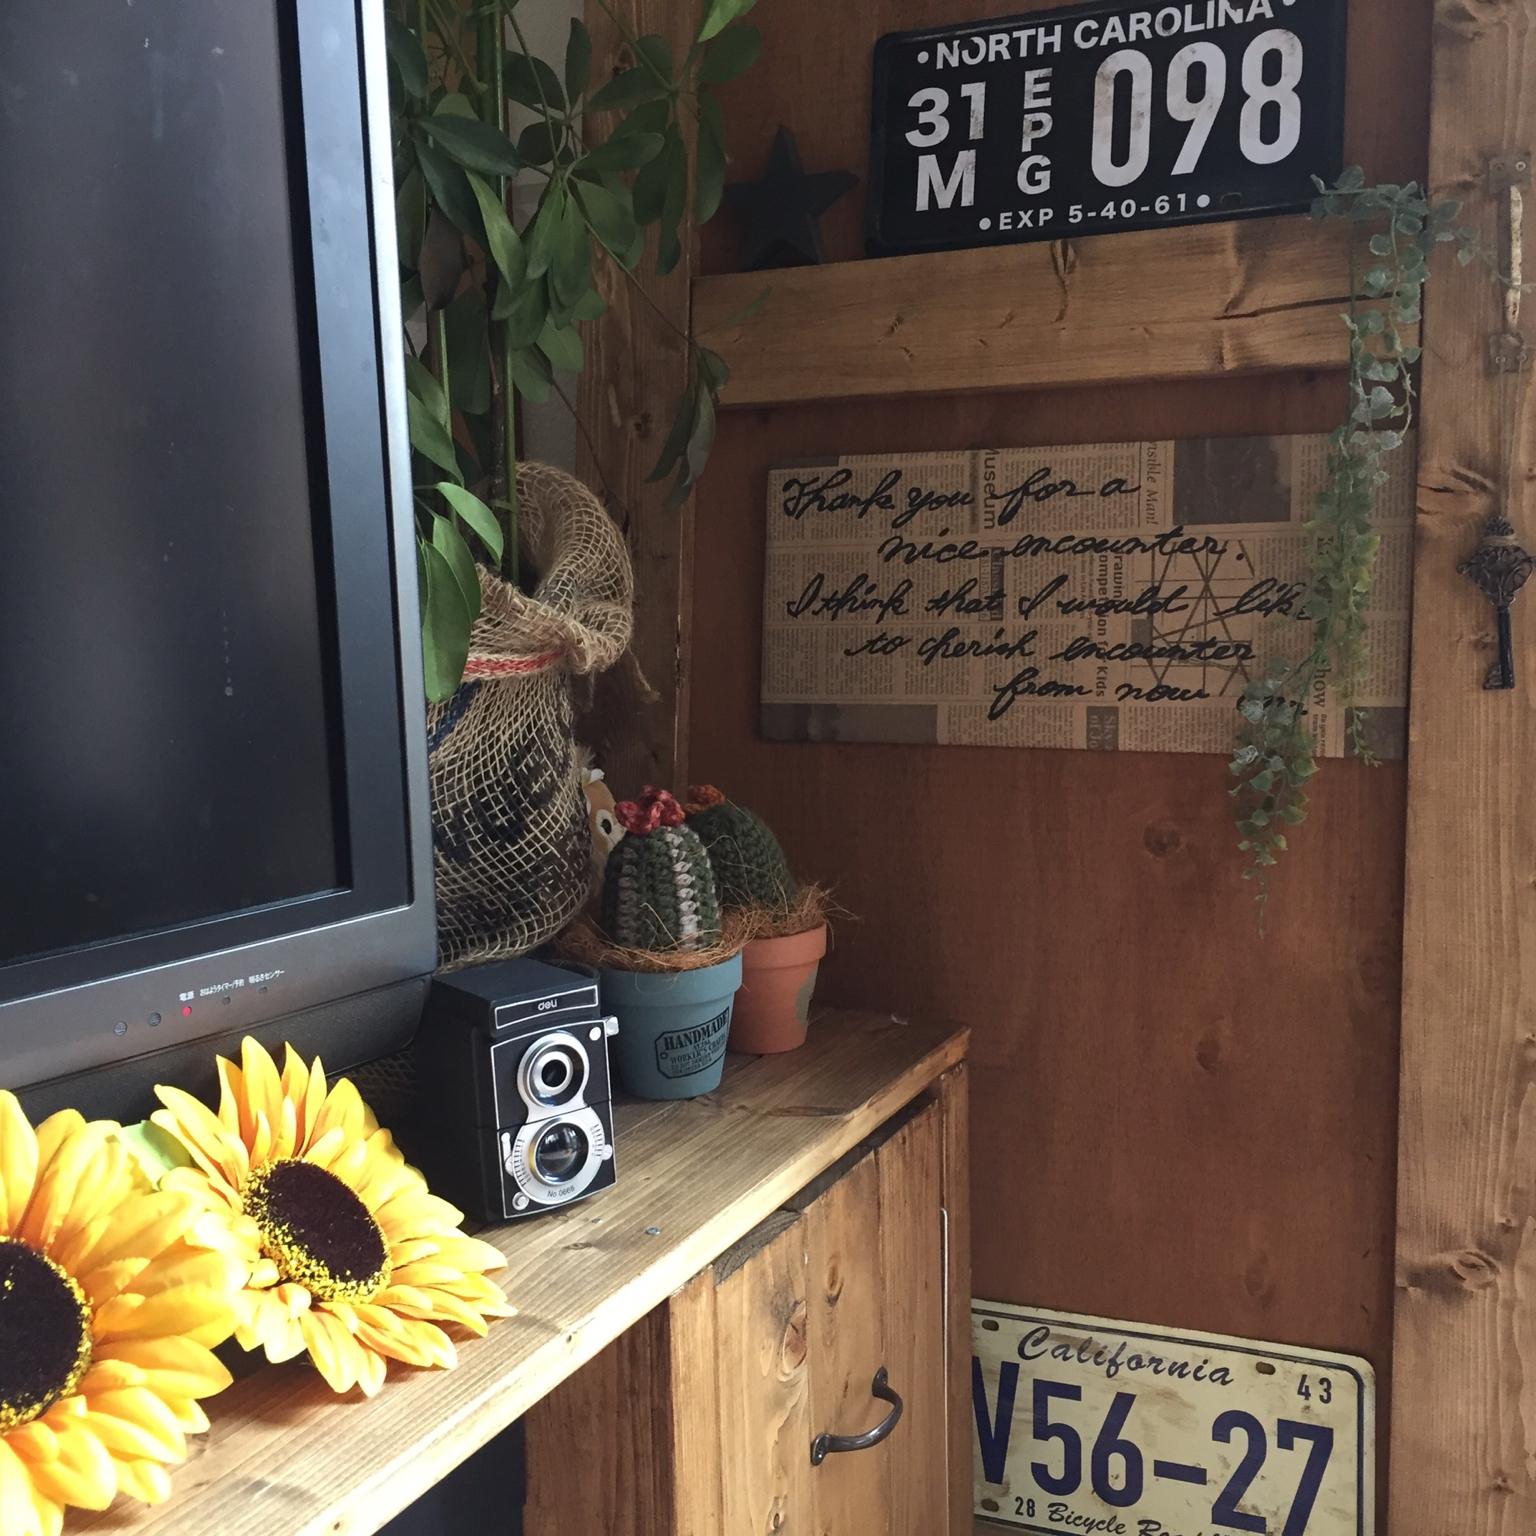 タオル/すきま収納/ダイソー/突っ張り棒で棚/カフェ風/カフェ風インテリア…などに関連する他の写真